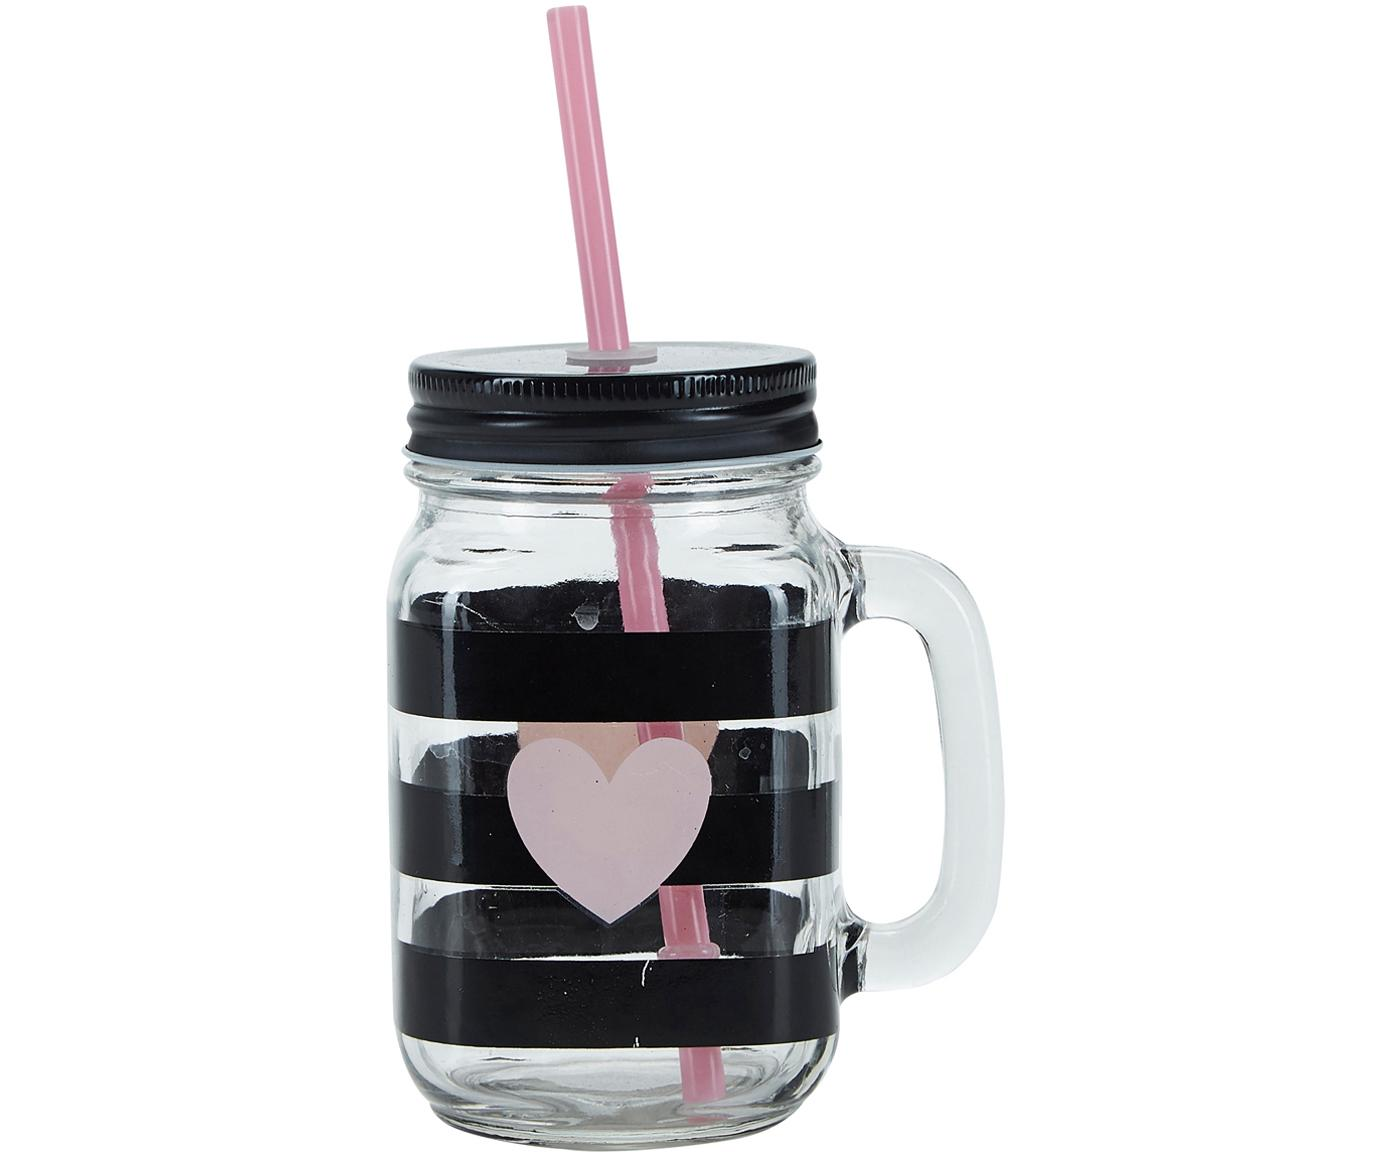 Szklanka ze słomką Stripes & Heart, 2 szt., Transparentny, czarny, różowy, Ø 7 x W 16 cm